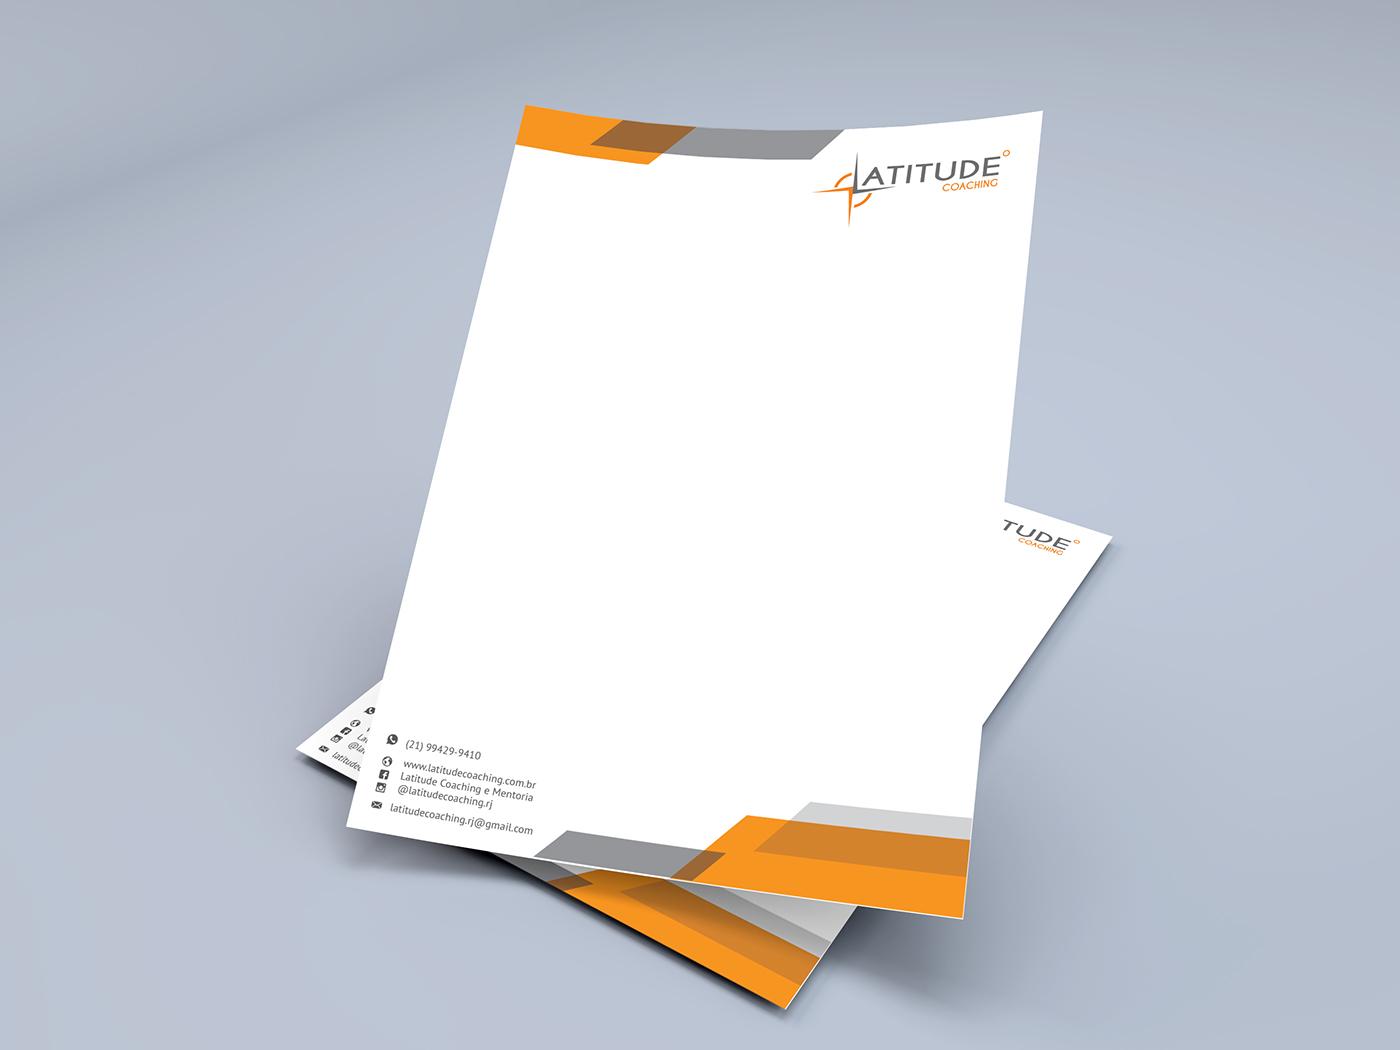 identidade visual logo Cartão de Visita papelaria Personalizada